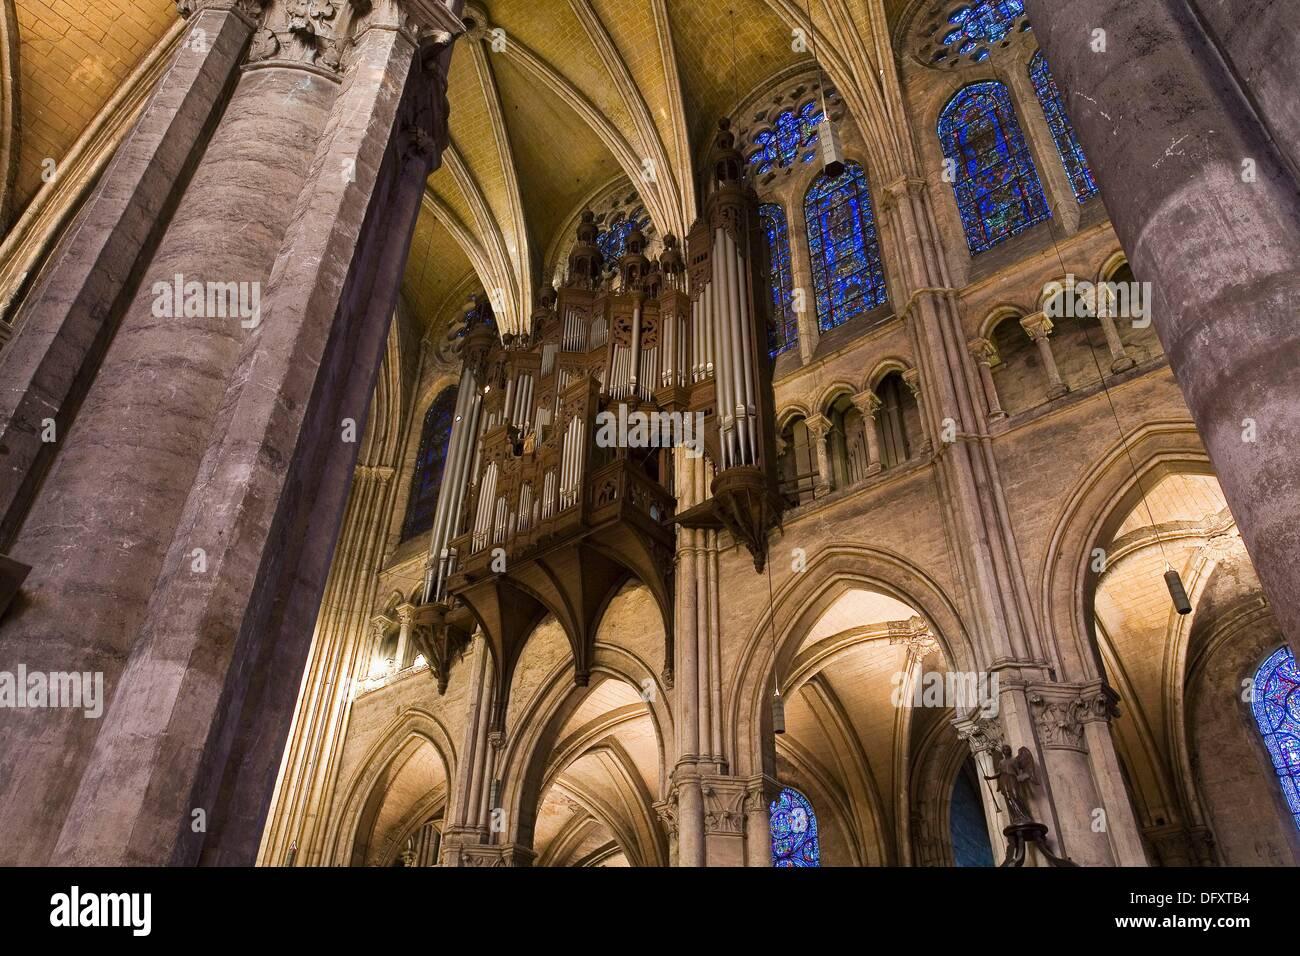 Frankreich, Chartres, Cathédrâle: Intérieur Stockbild